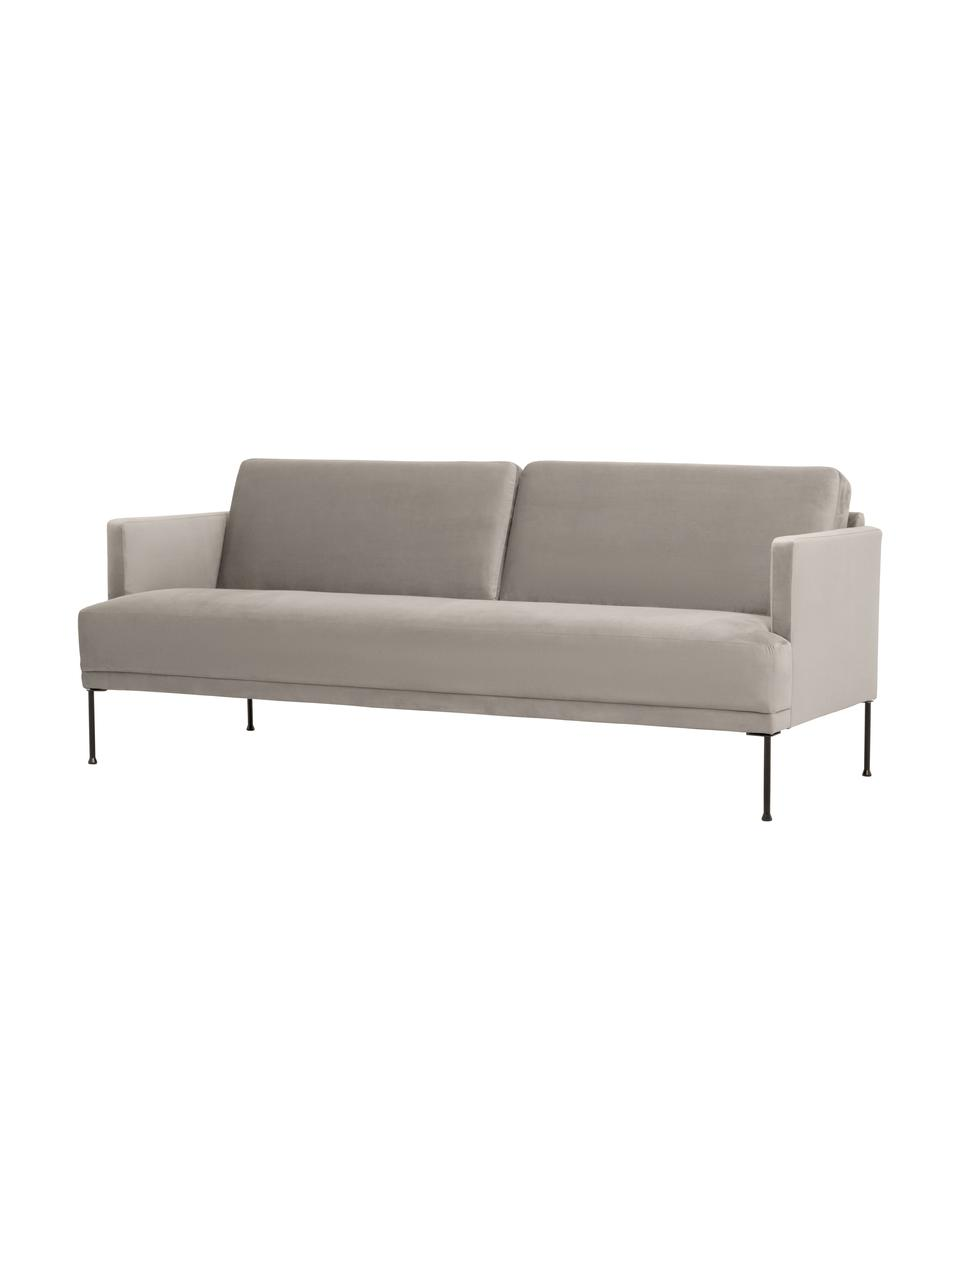 Samt-Sofa Fluente (3-Sitzer) in Beige mit Metall-Füßen, Bezug: Samt (Hochwertiger Polyes, Gestell: Massives Kiefernholz, Füße: Metall, pulverbeschichtet, Samt Beige, B 196 x T 85 cm